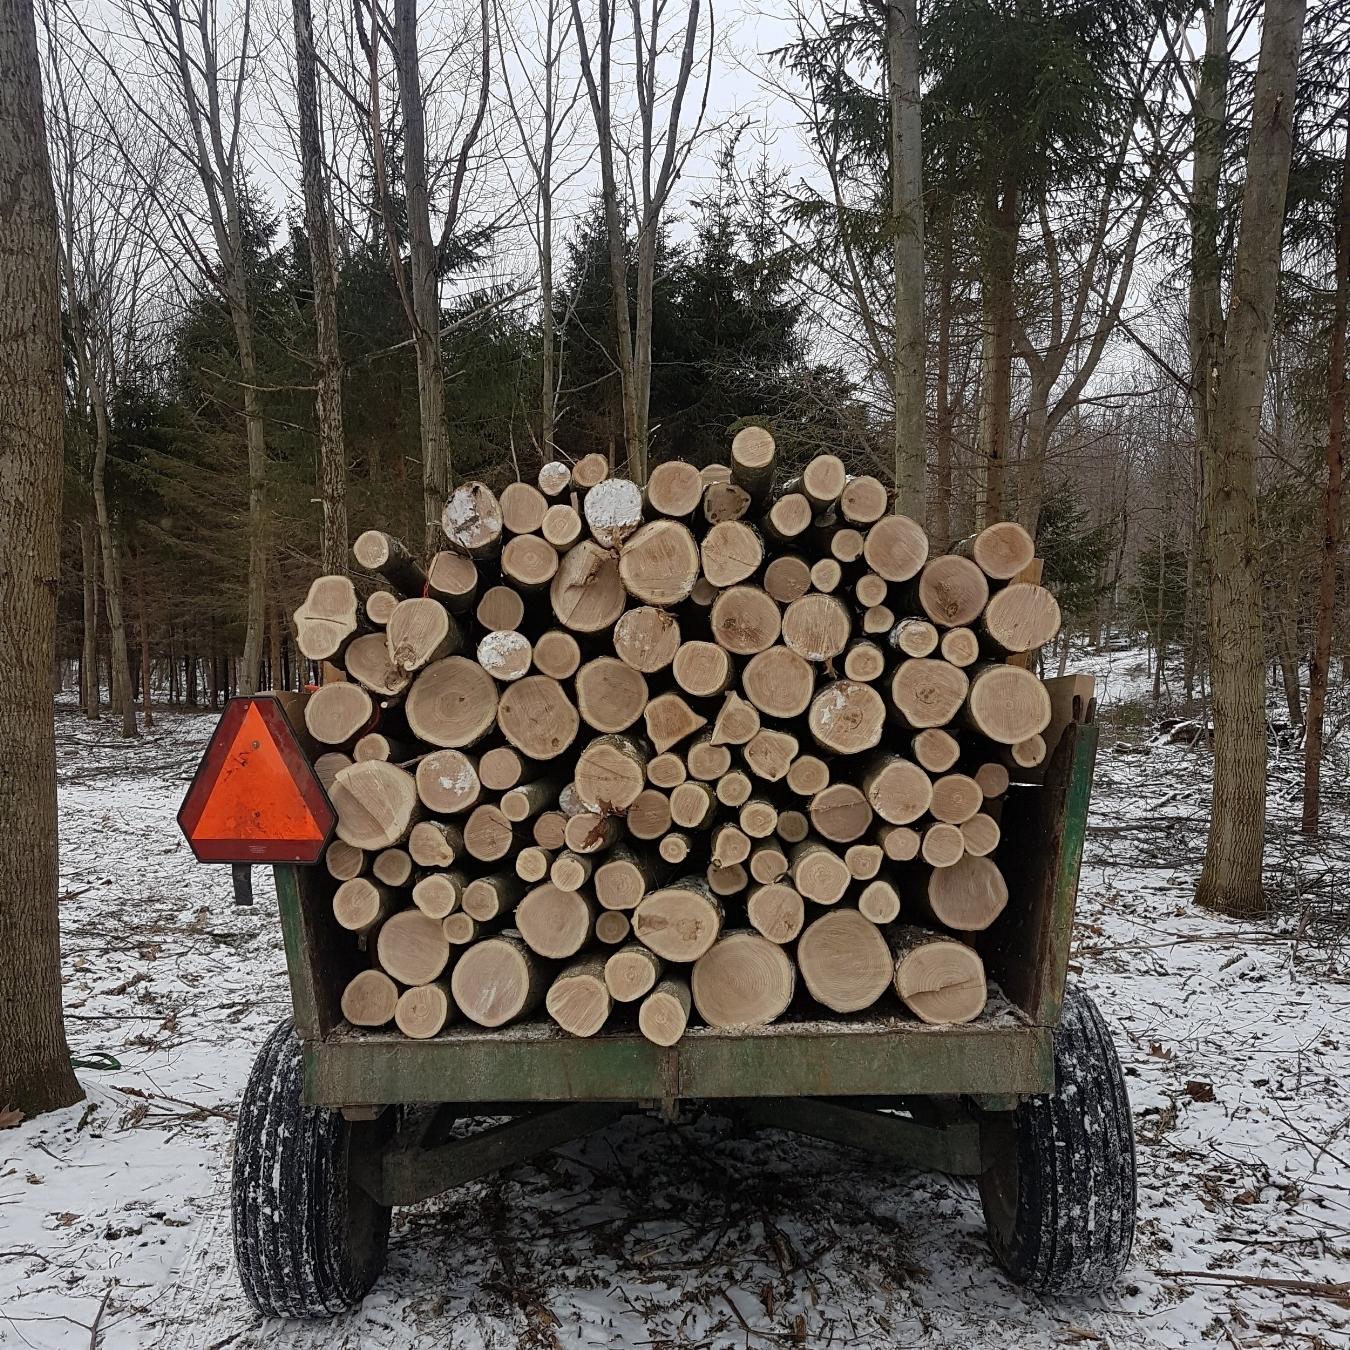 Pinède ; n.f. Plantation, forêt de pins. N'importe quel dictionnaire étymologique vous donnera cette définition, mais pour nous, elle représente beaucoup plus.La Pinède,c'est notre opportunité de faire le lien entre l'arbre et l'assiette grâce à des champignons de première qualité.Les champignons que nous produisons sont le résultat de nos efforts, conjugués à ce que la forêt nous apporte: de l'eau, du bois, de l'ombre et du temps -